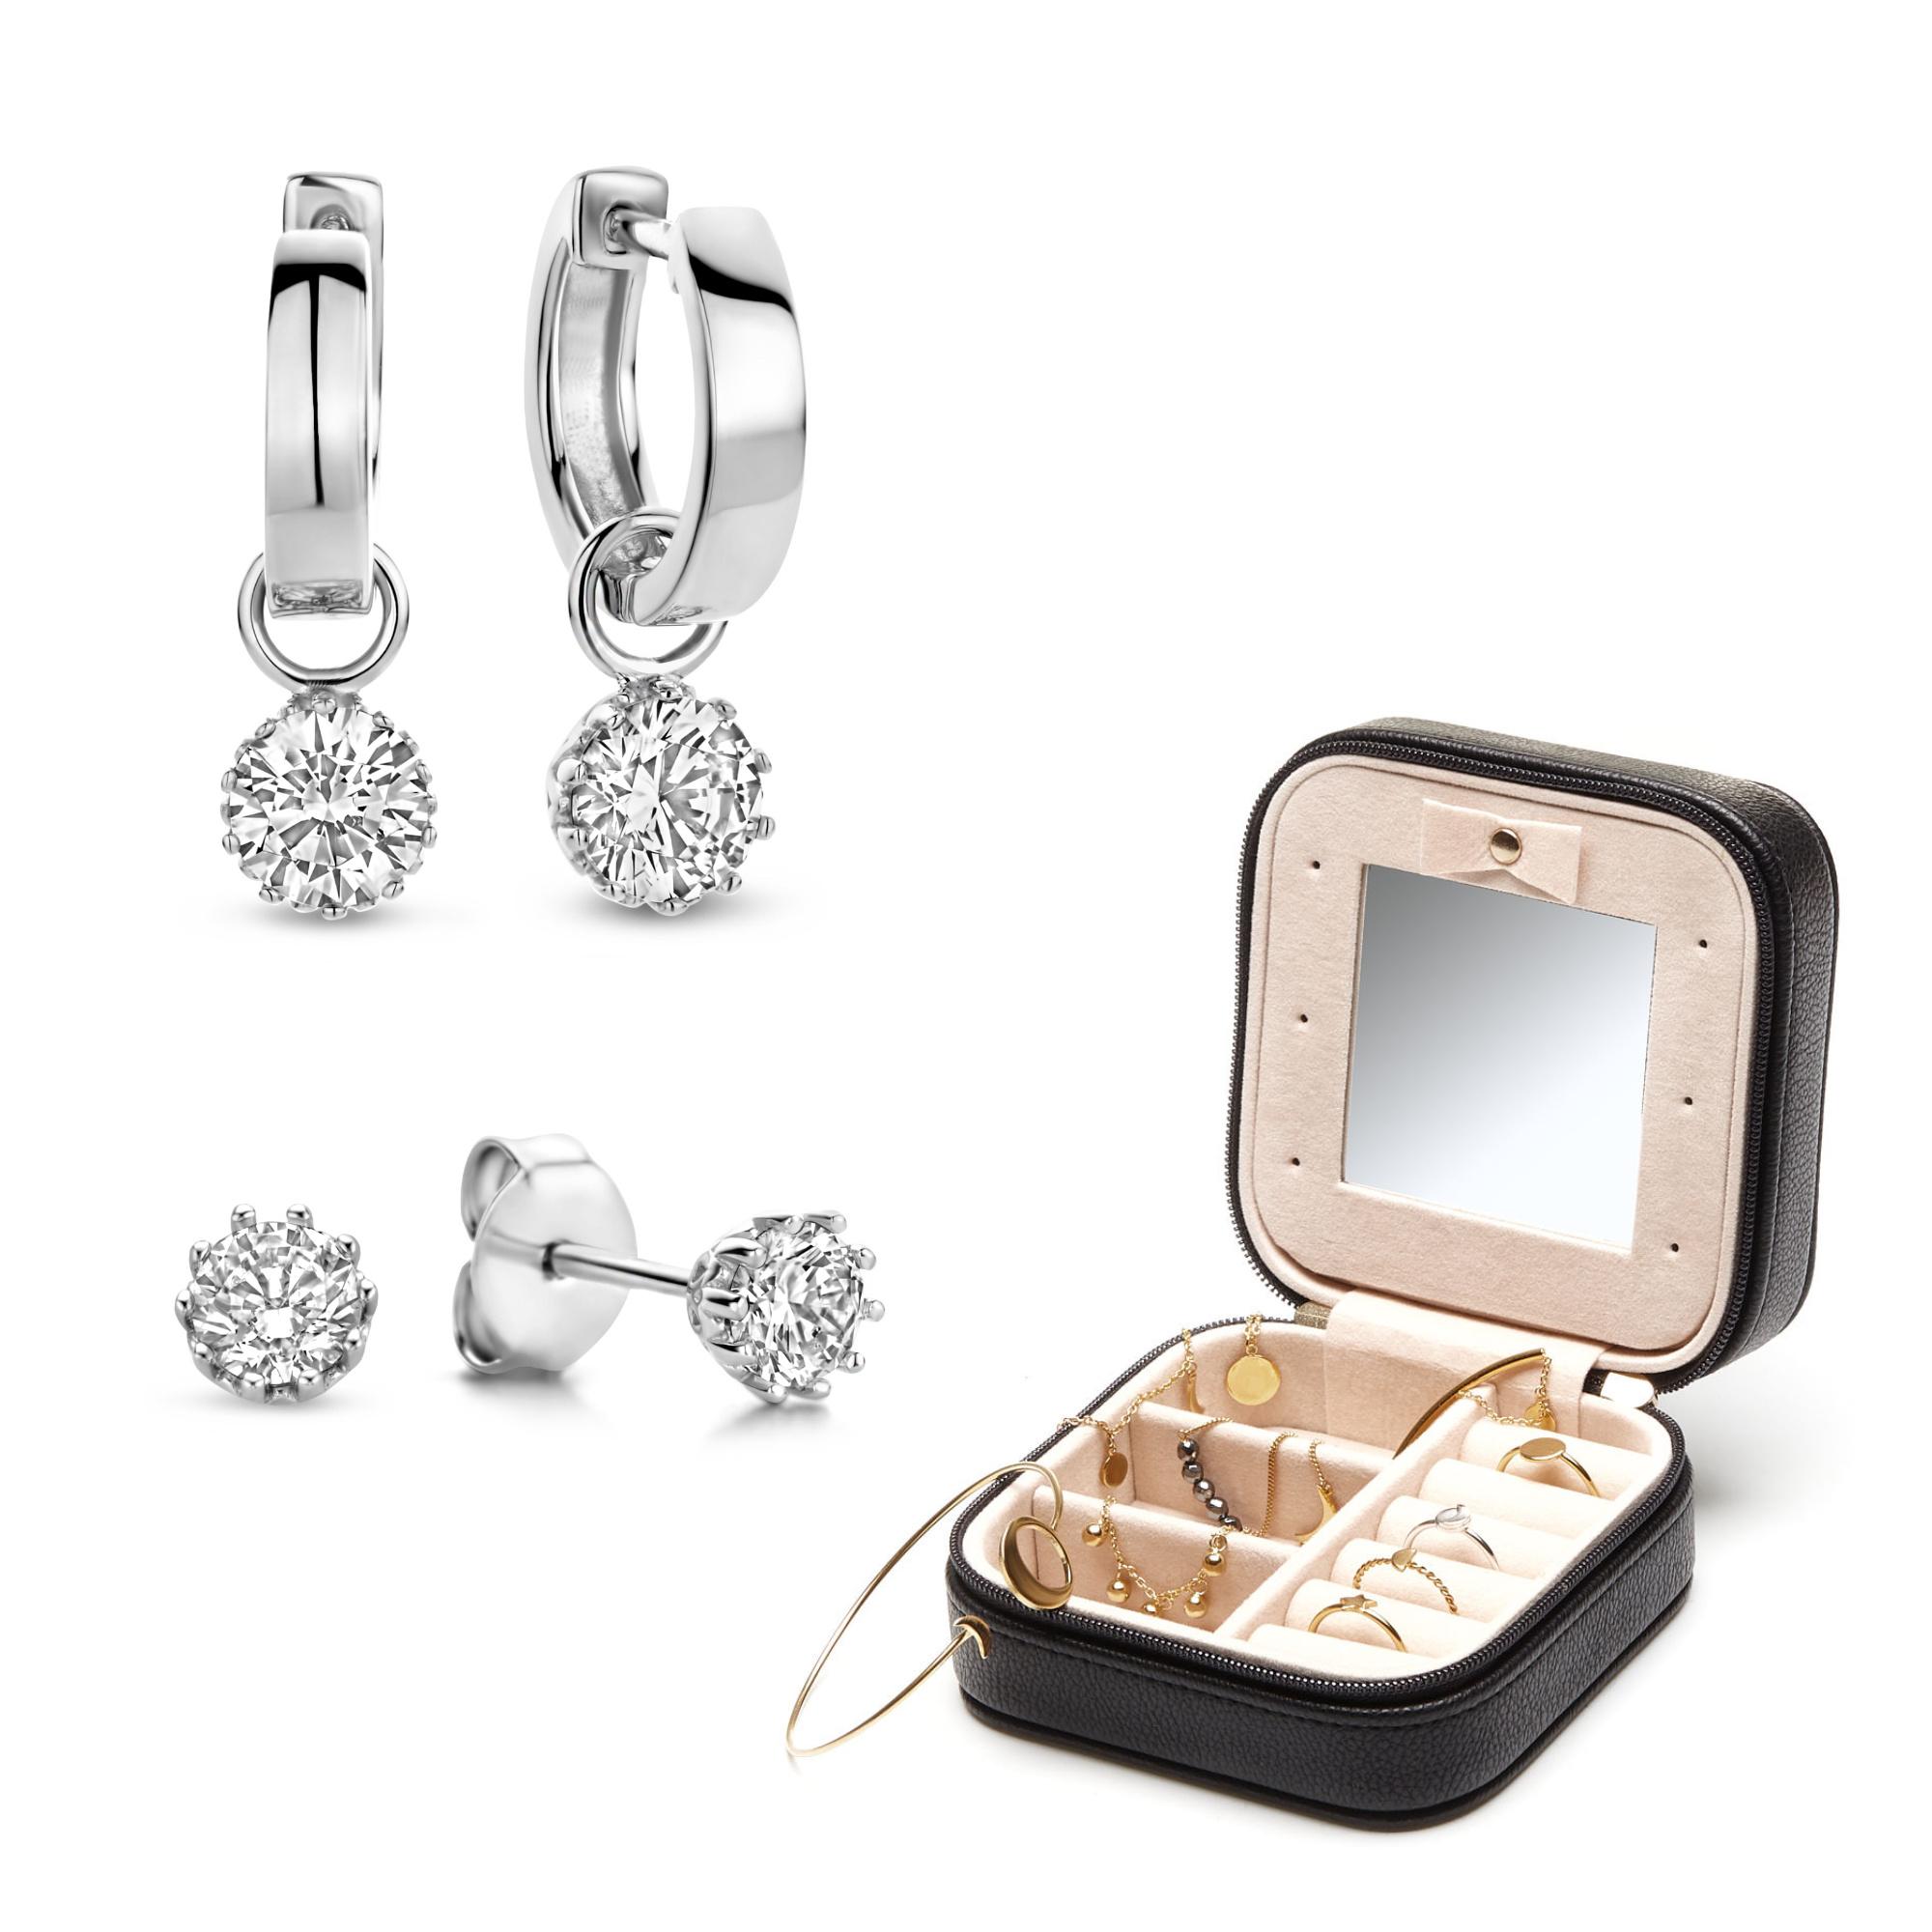 Parte di Me Sorprendimi 925 sterling zilveren set van 2 paar oorbellen en sieradendoos